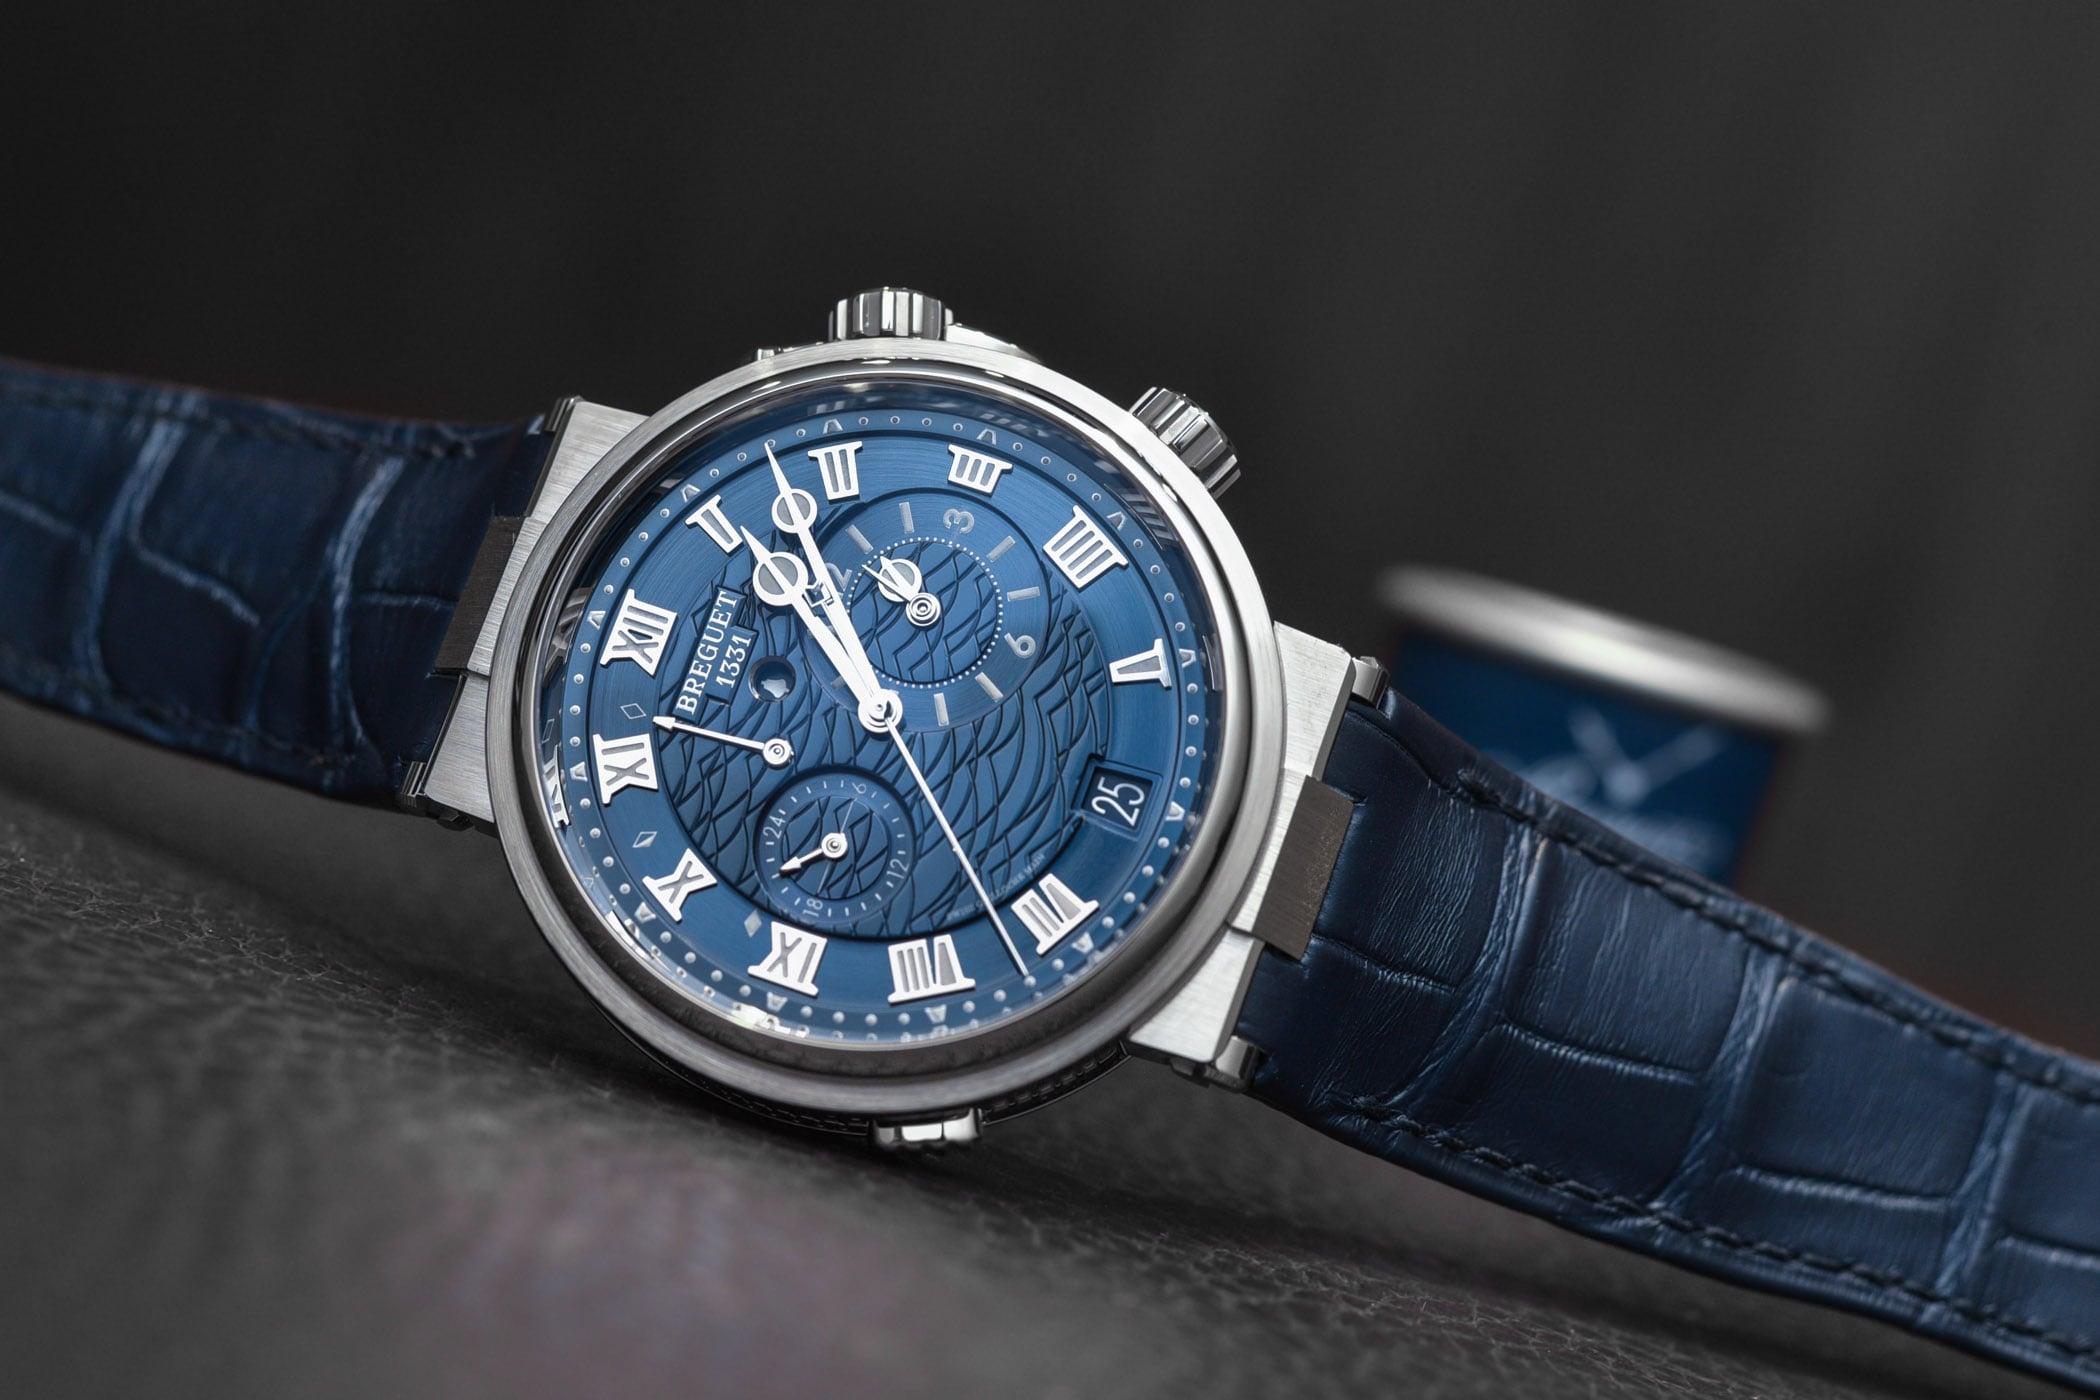 Thiết kế của đồng hồ Breguet chính hãng